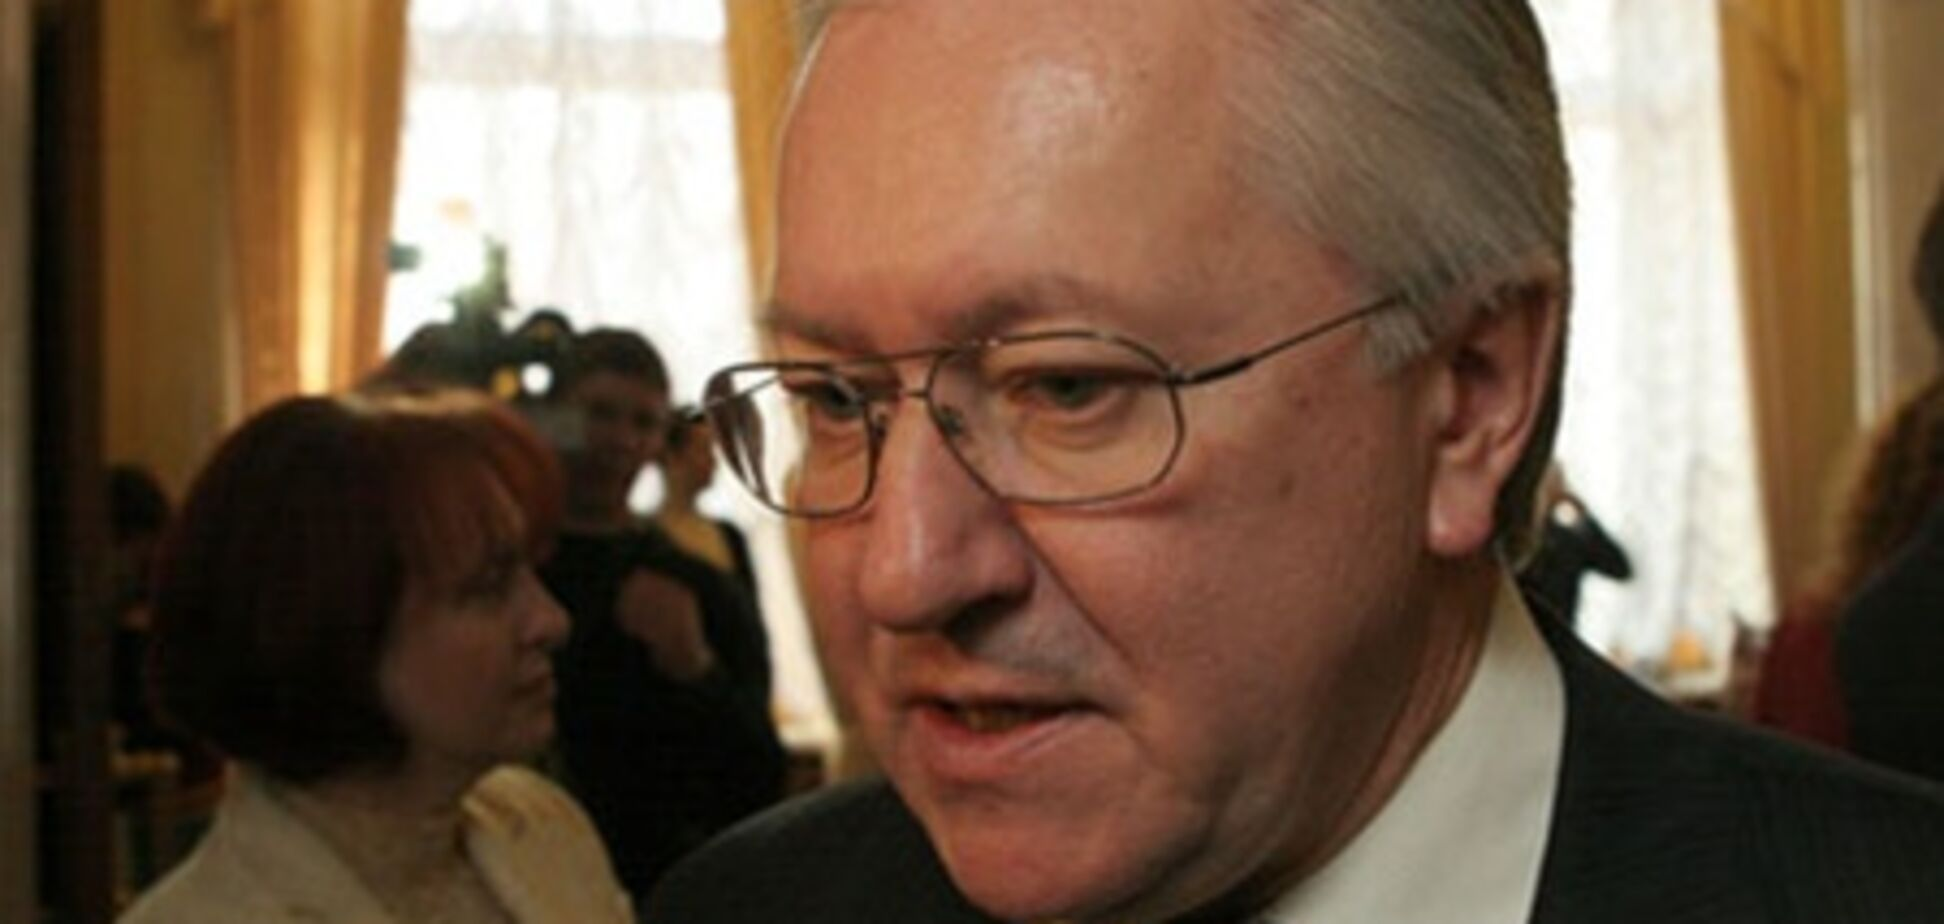 ПР: ничего не грозит ни Тарасюку, ни его Комитету